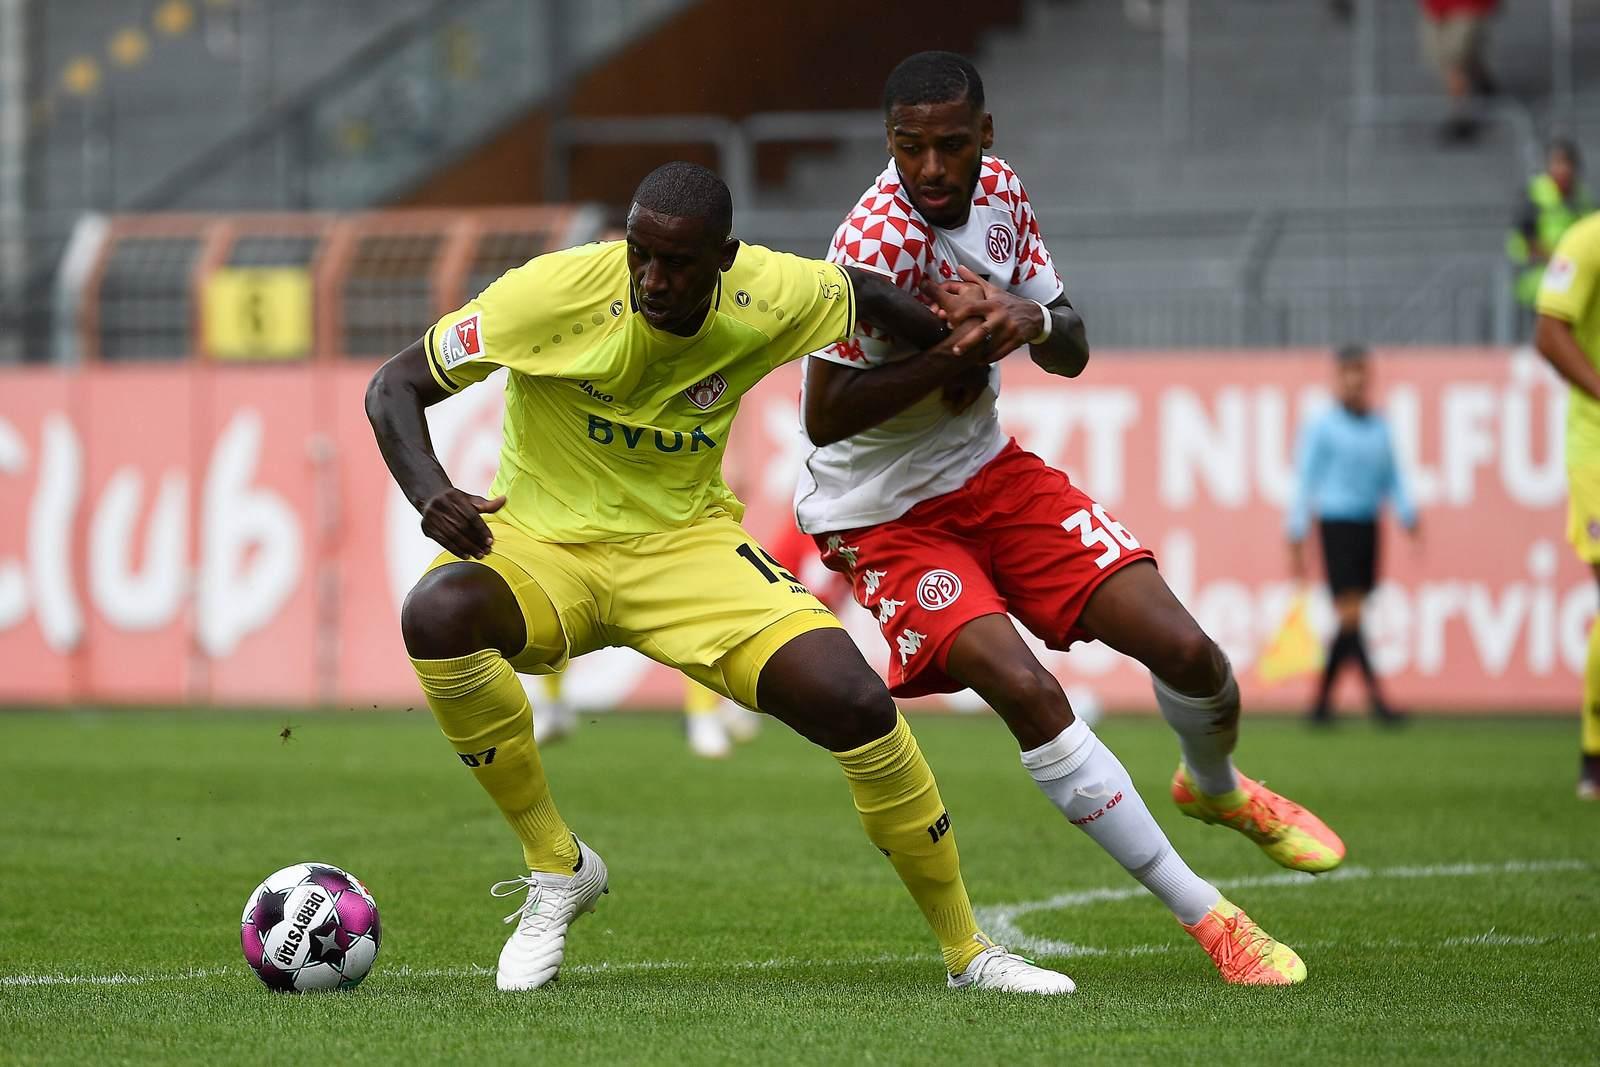 Douglas gegen Suliman Marlon Mustapha